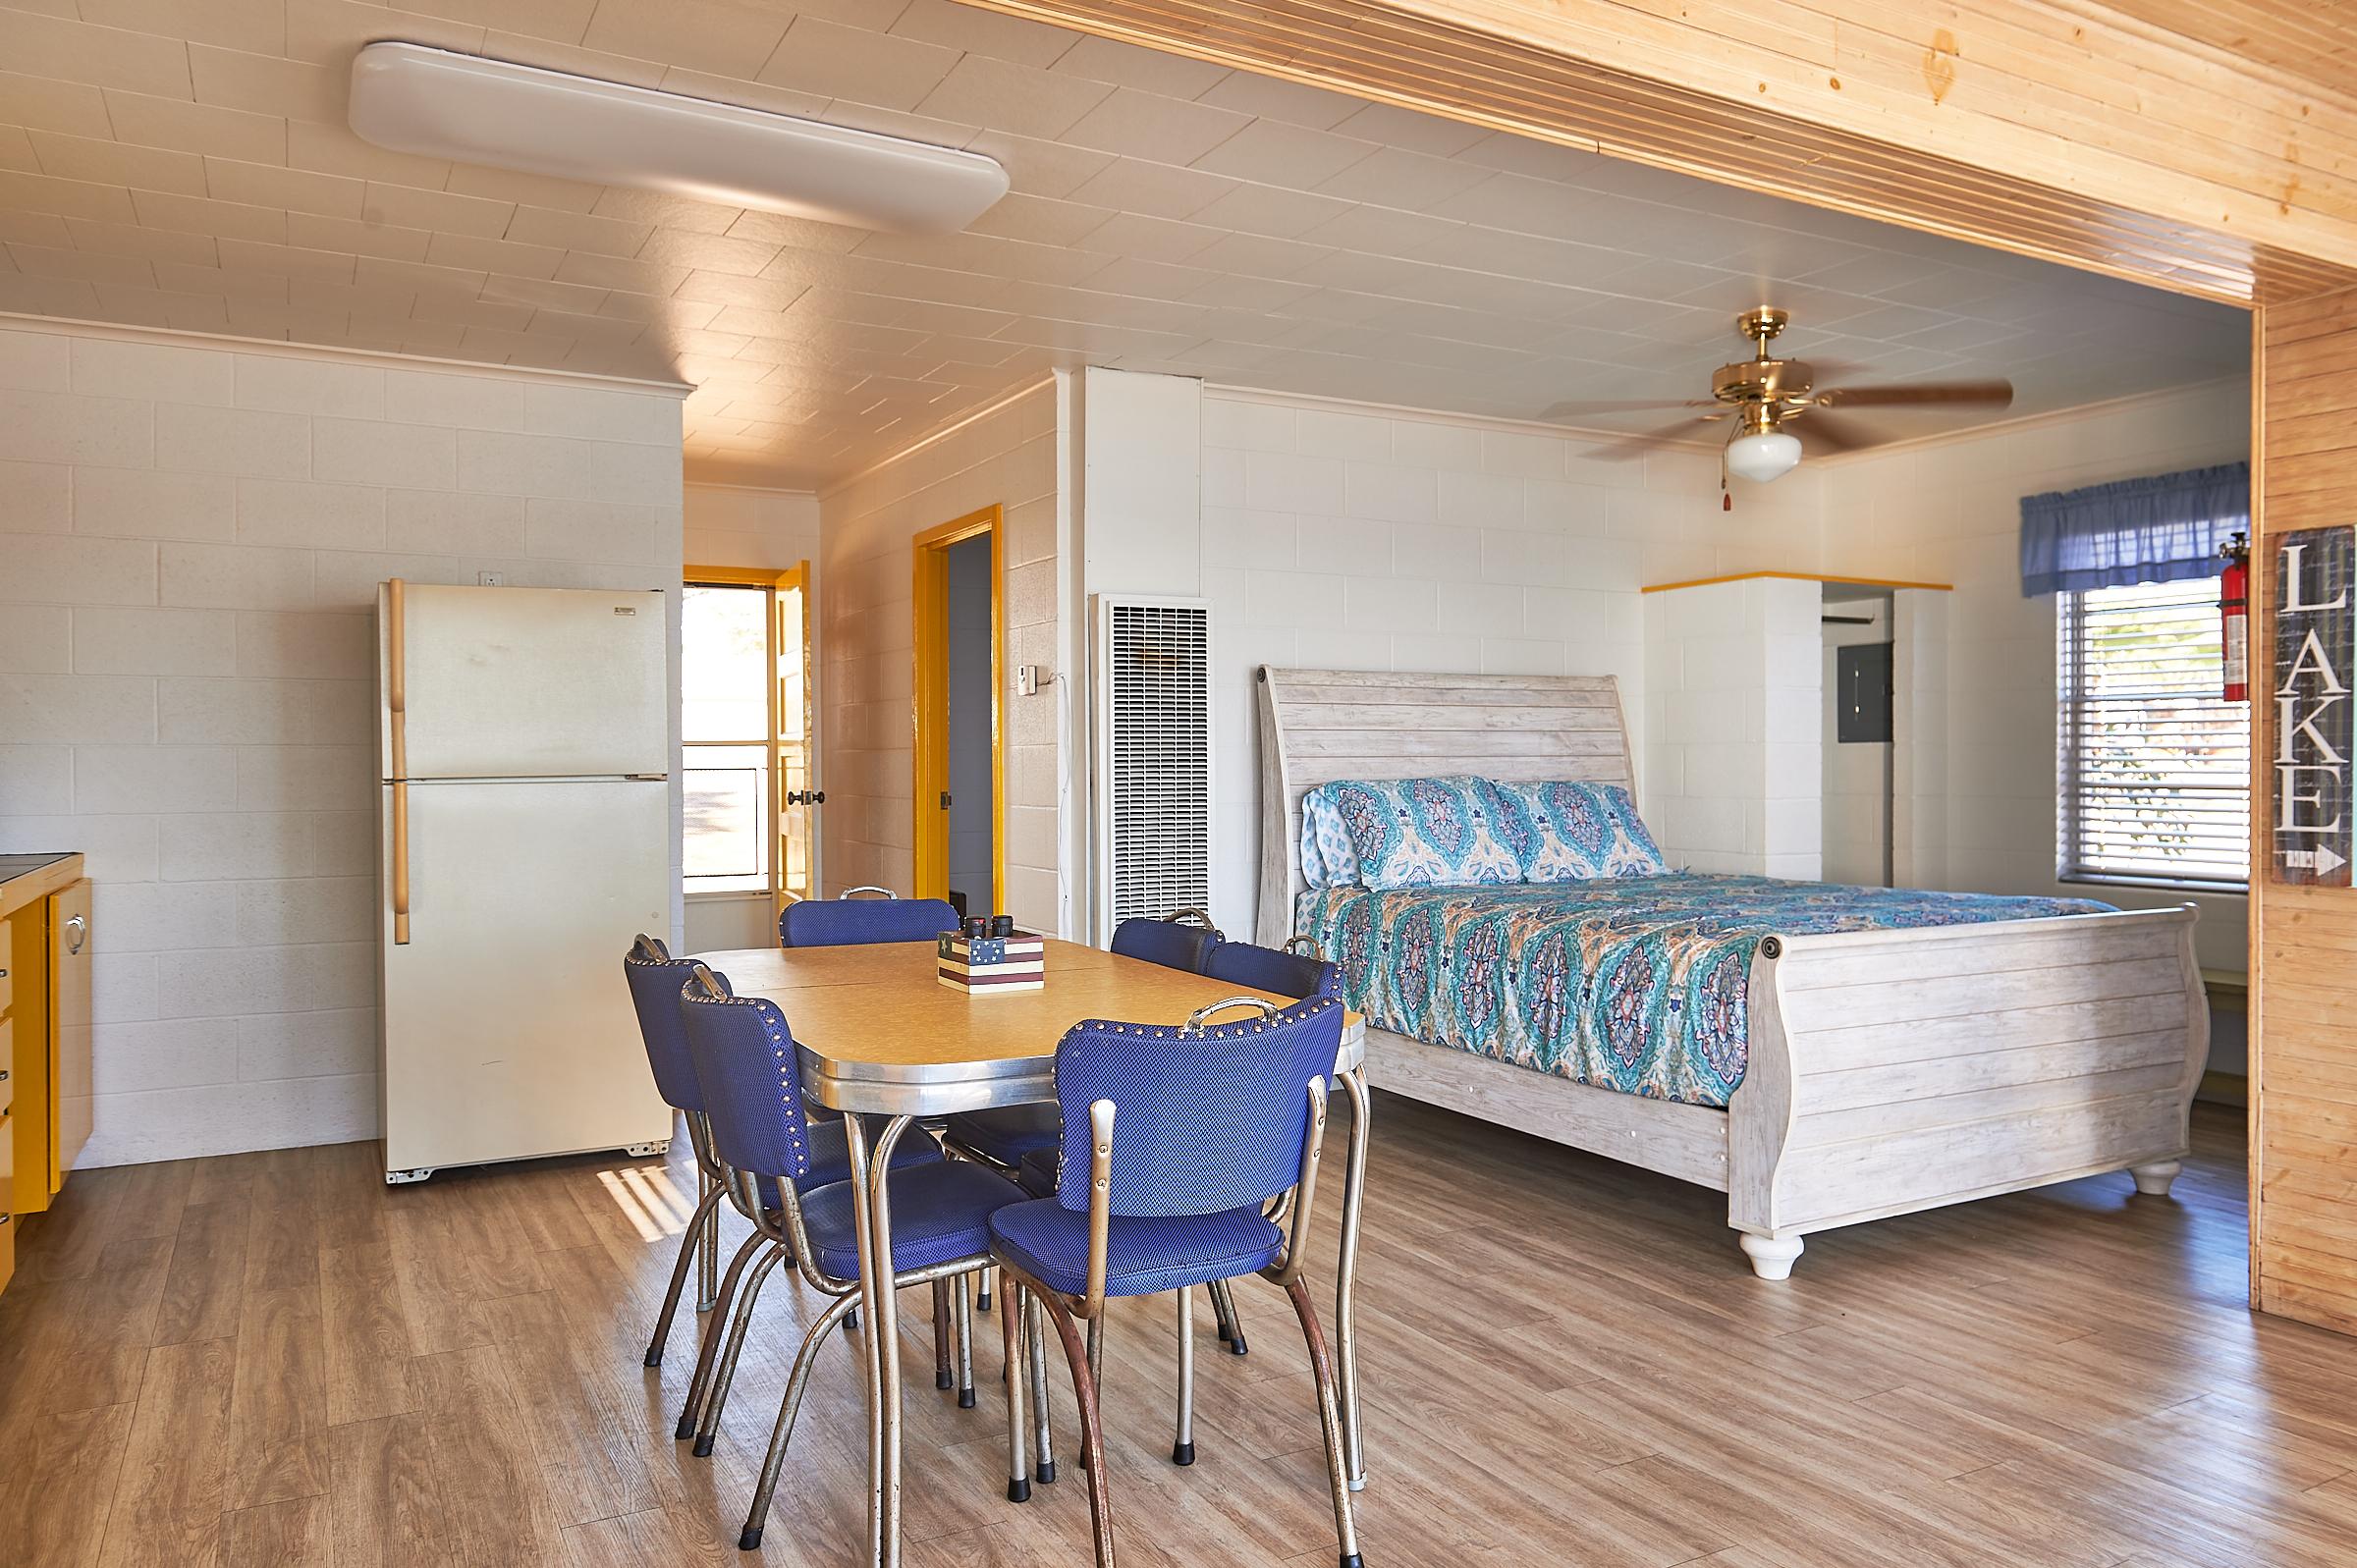 Bluebonnet Cabin Open Floorplan Image 2